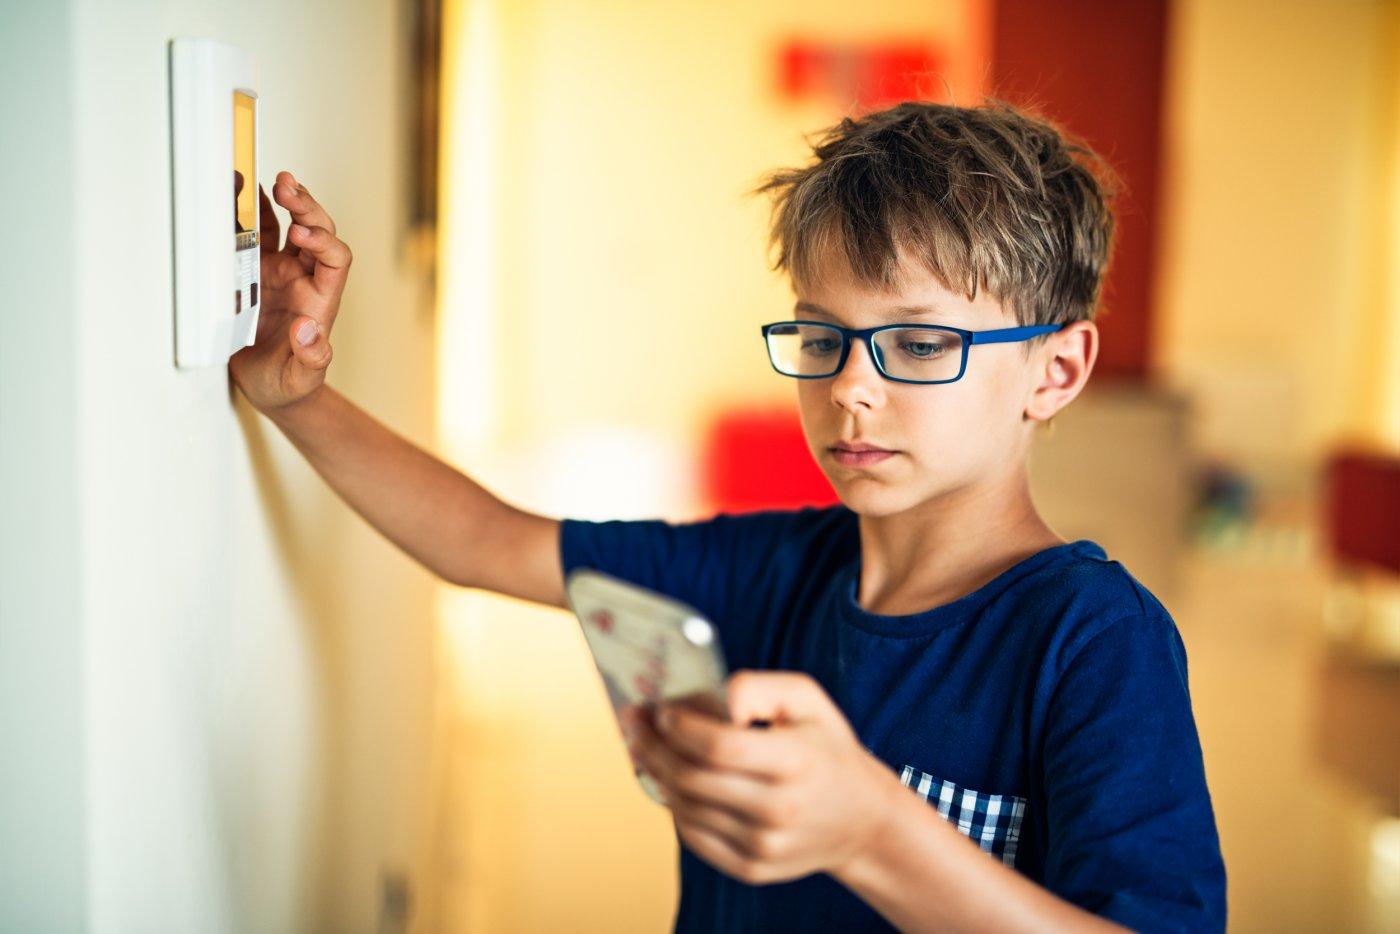 gutt stiller på smarthuspanel